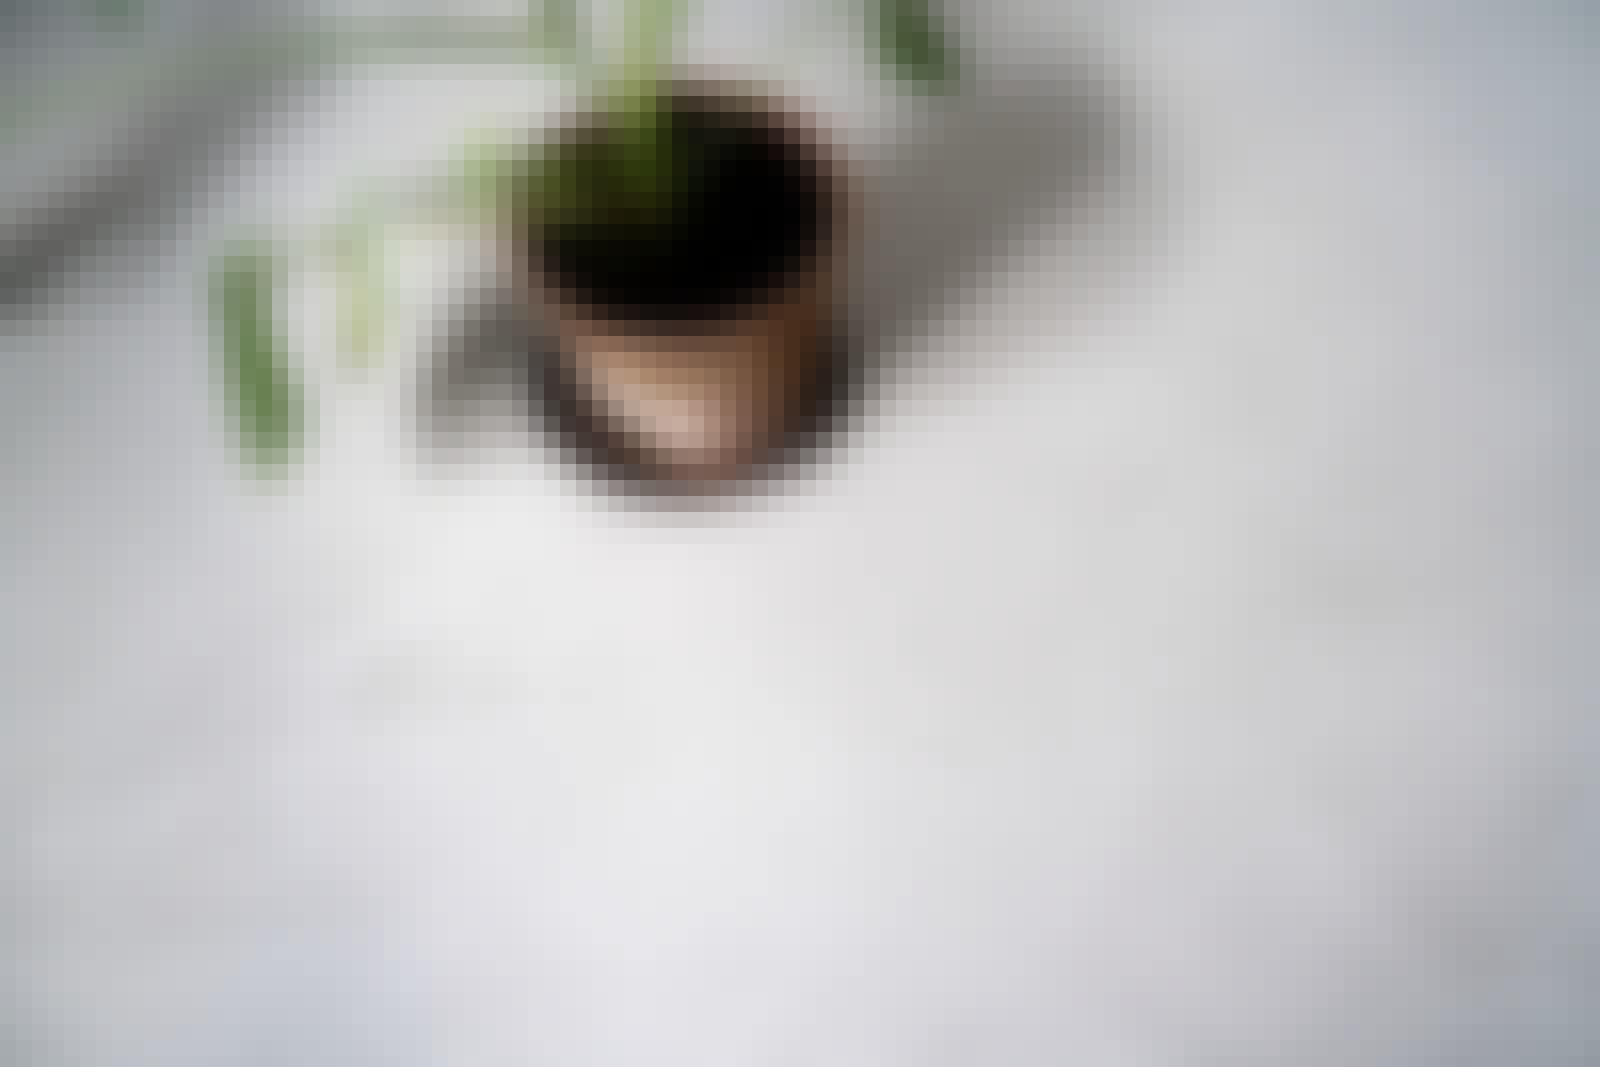 Värillinen mikrosementti: Kuvassa on harmaata mikrosementtiä.